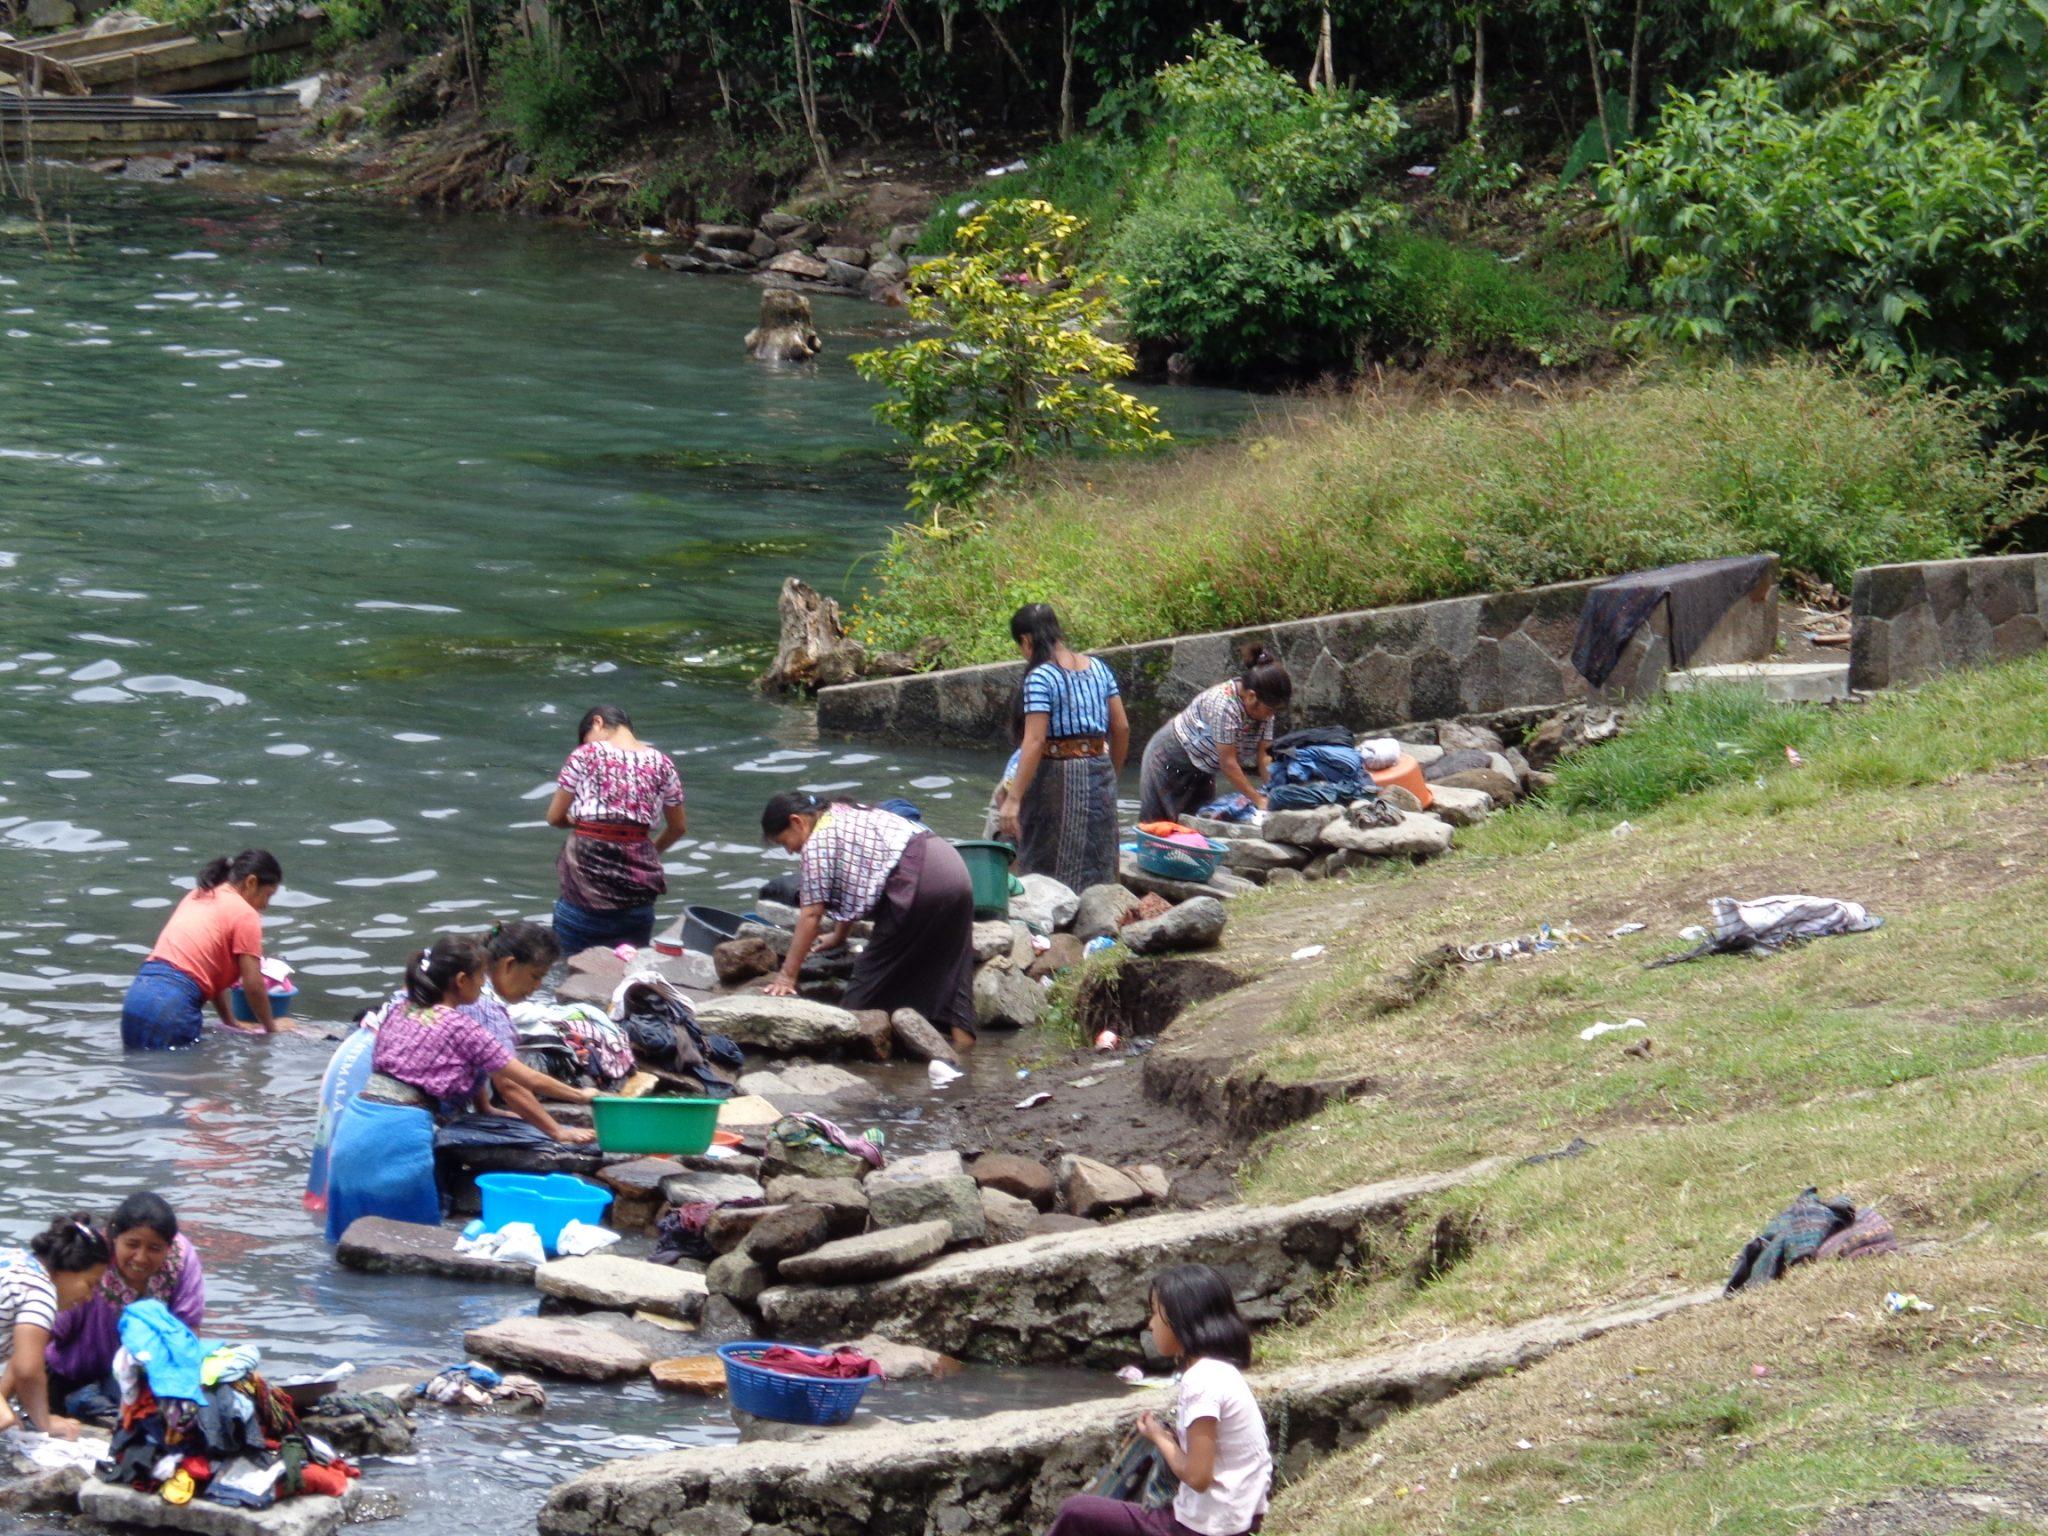 Women-doing-laundramat-guatemala